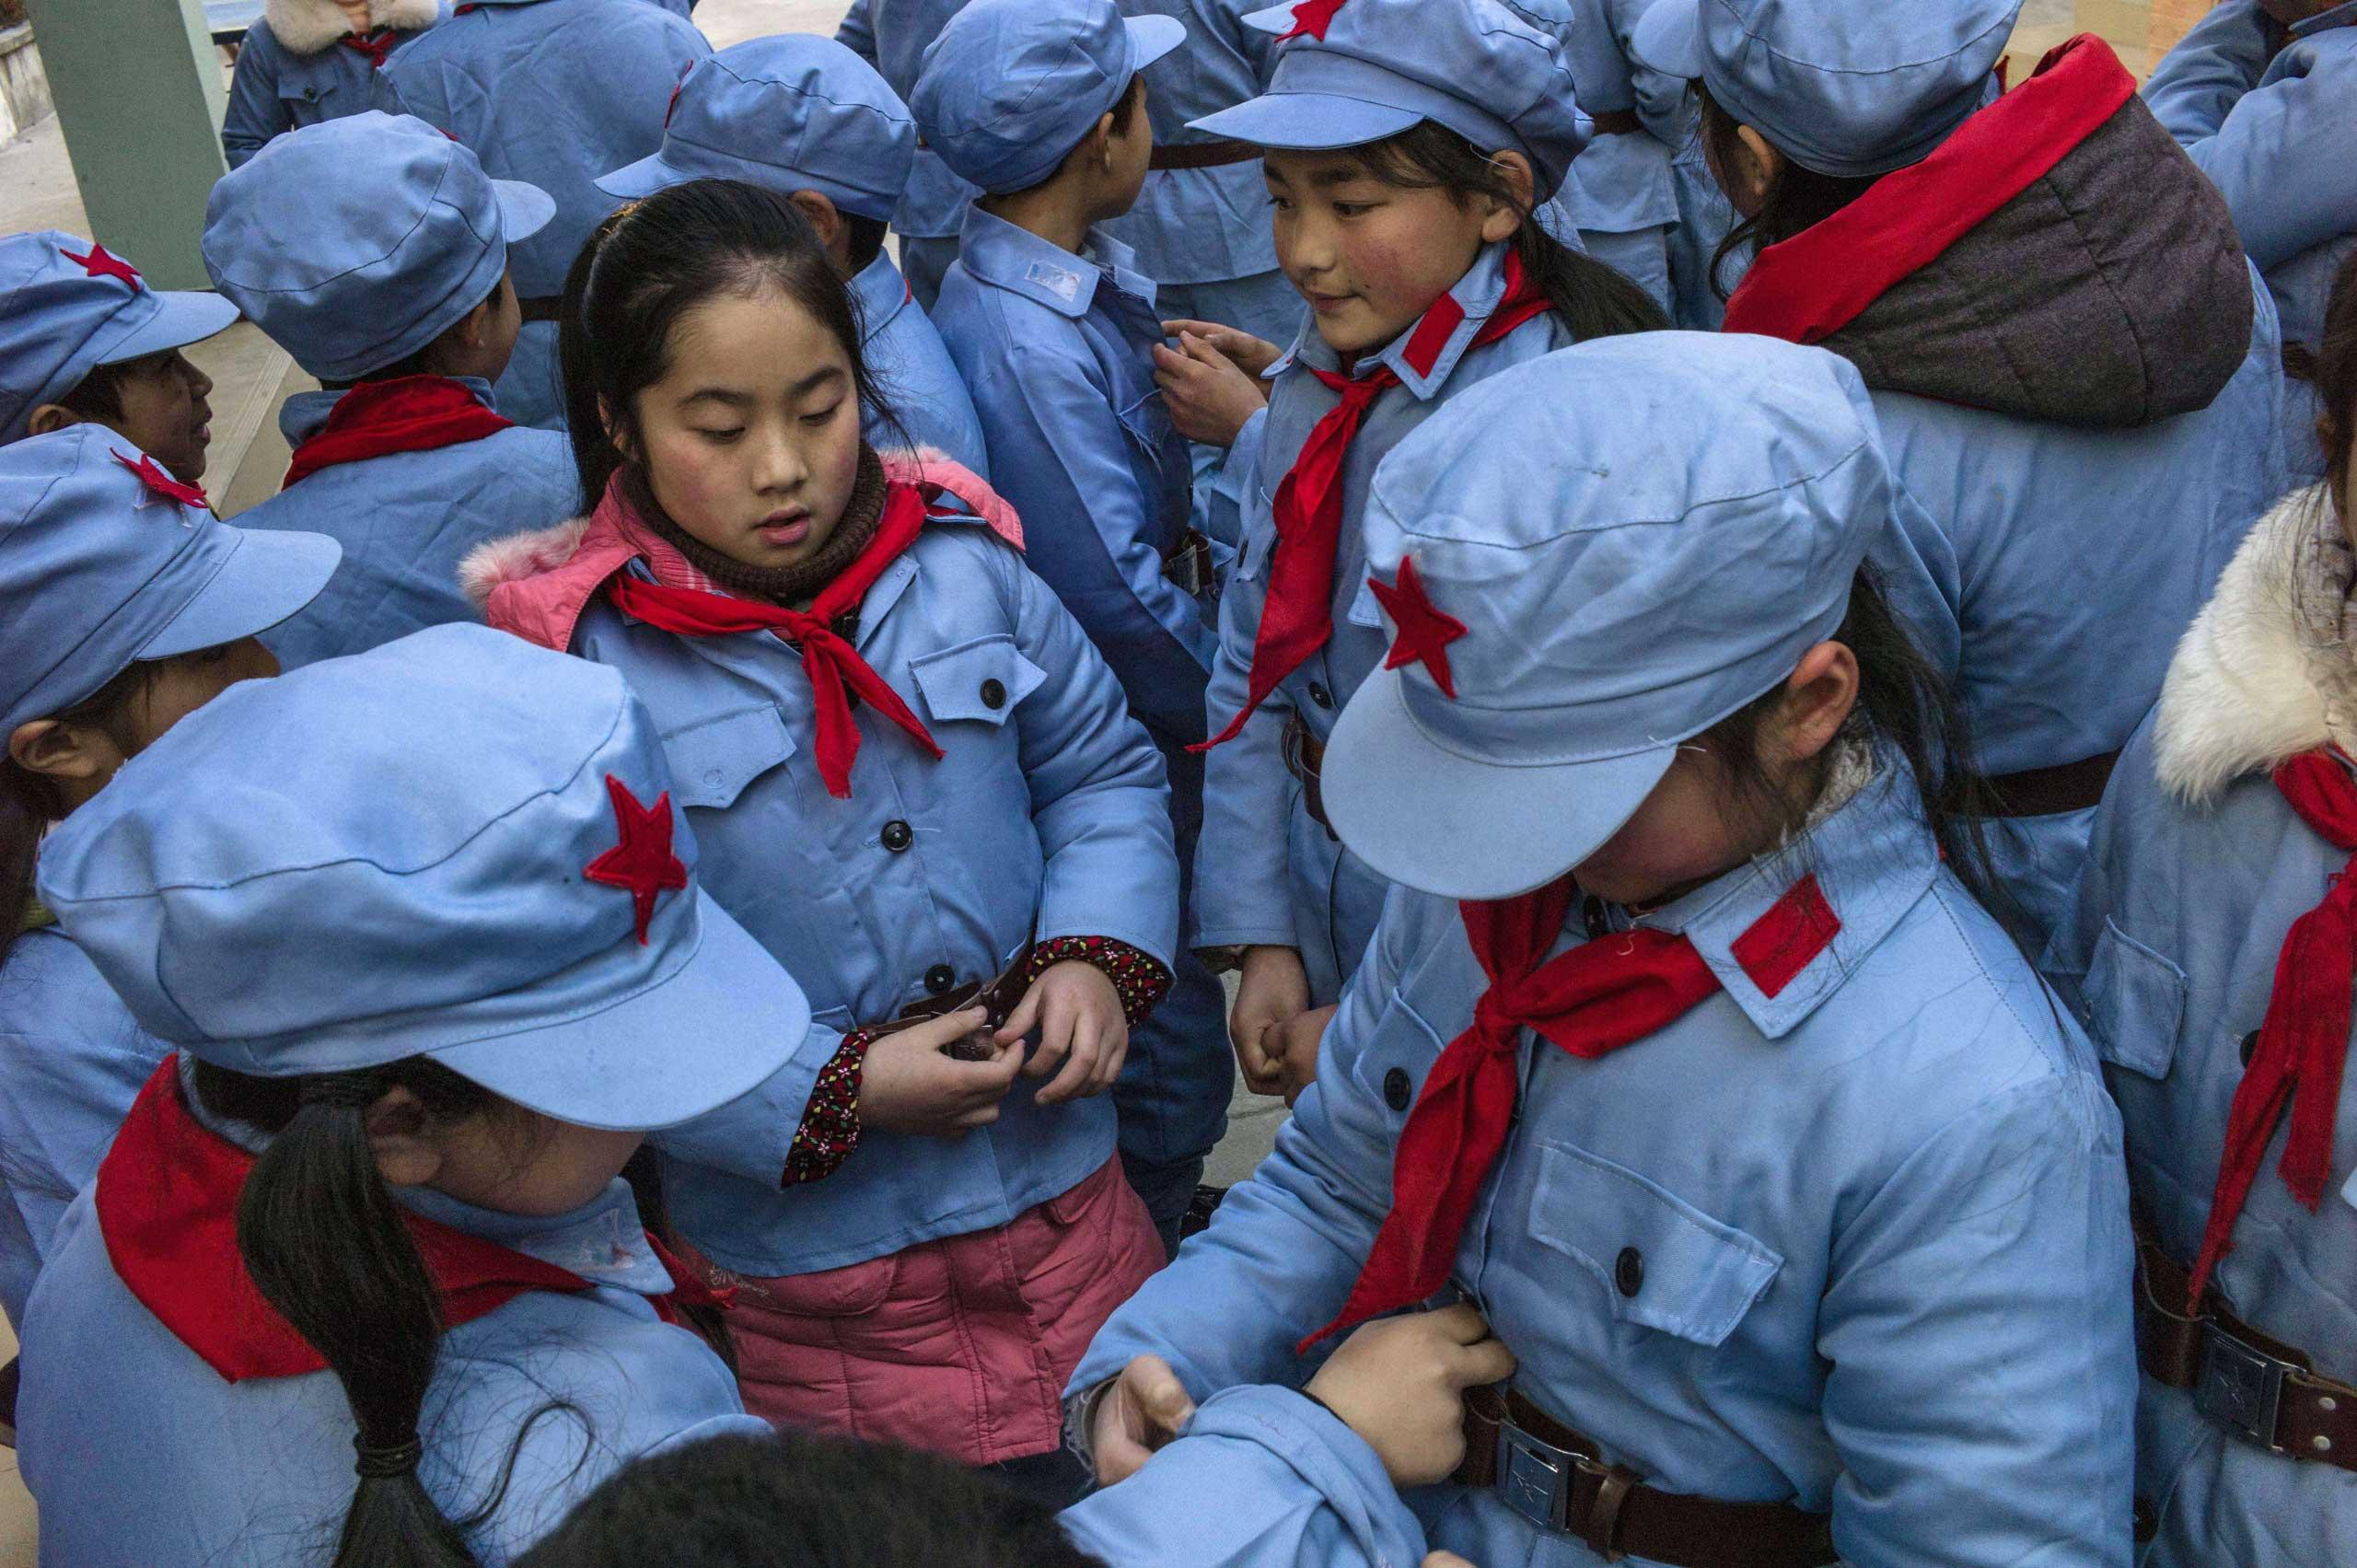 Children wait to enter their classroom.